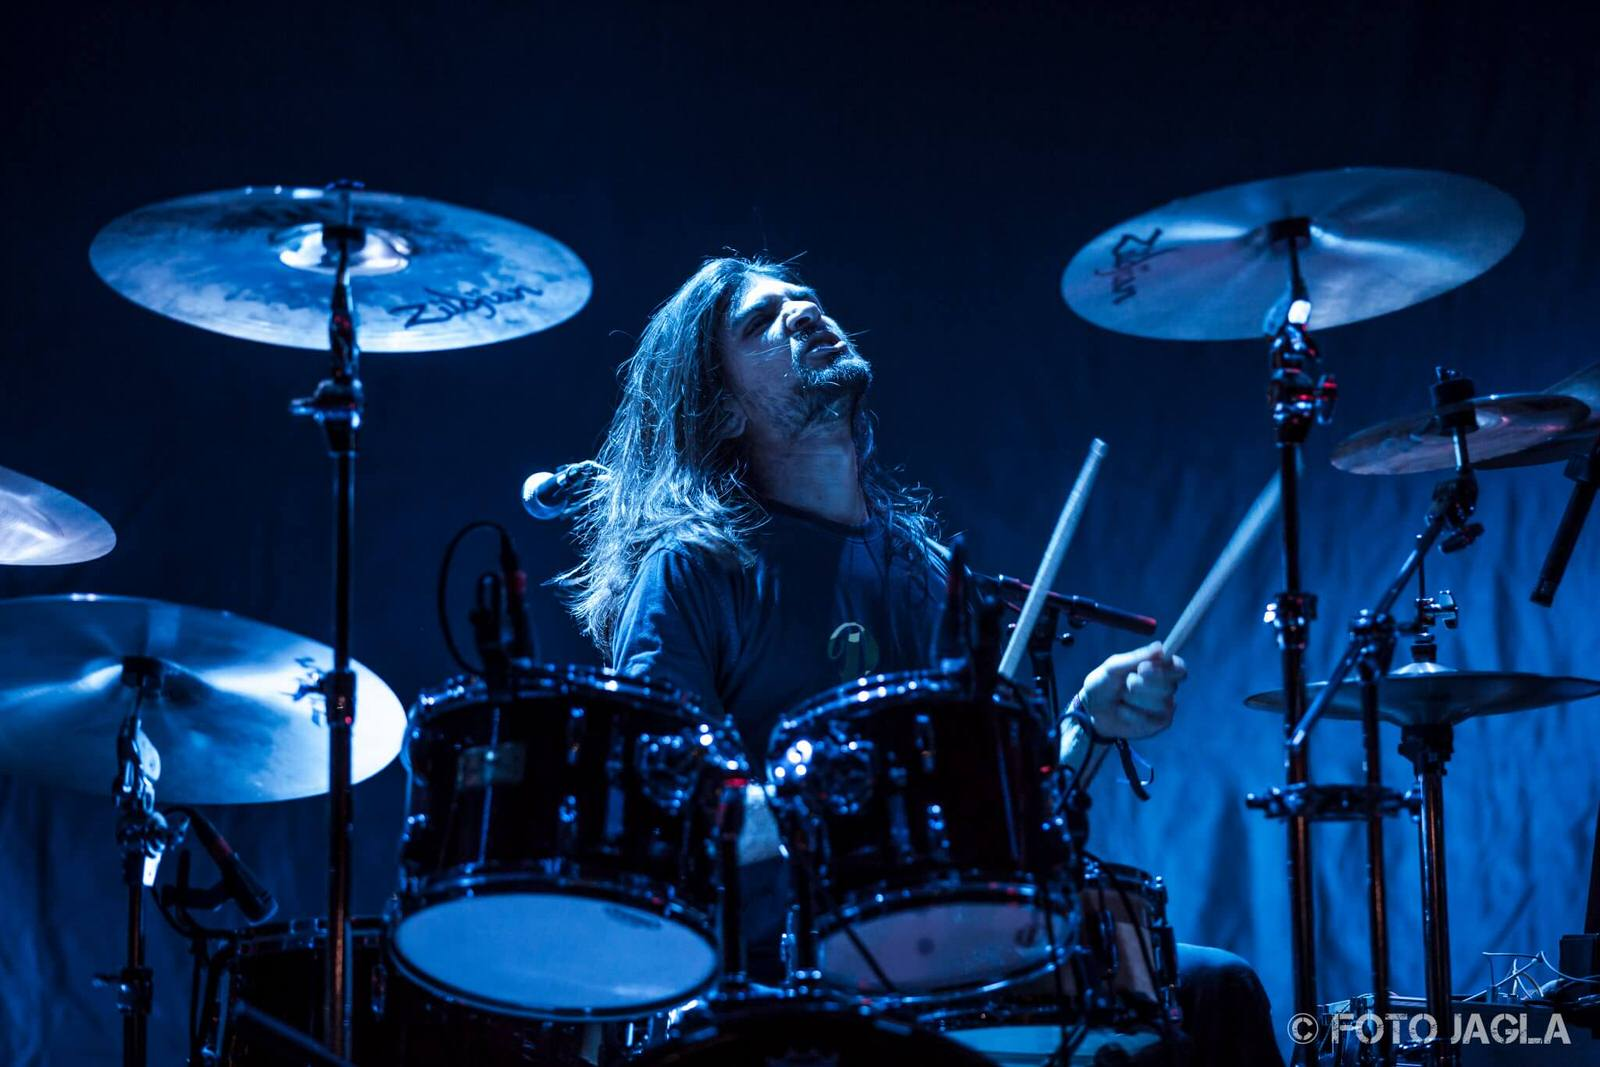 Konzertfotografie - Den Schlagzeuger fotografieren